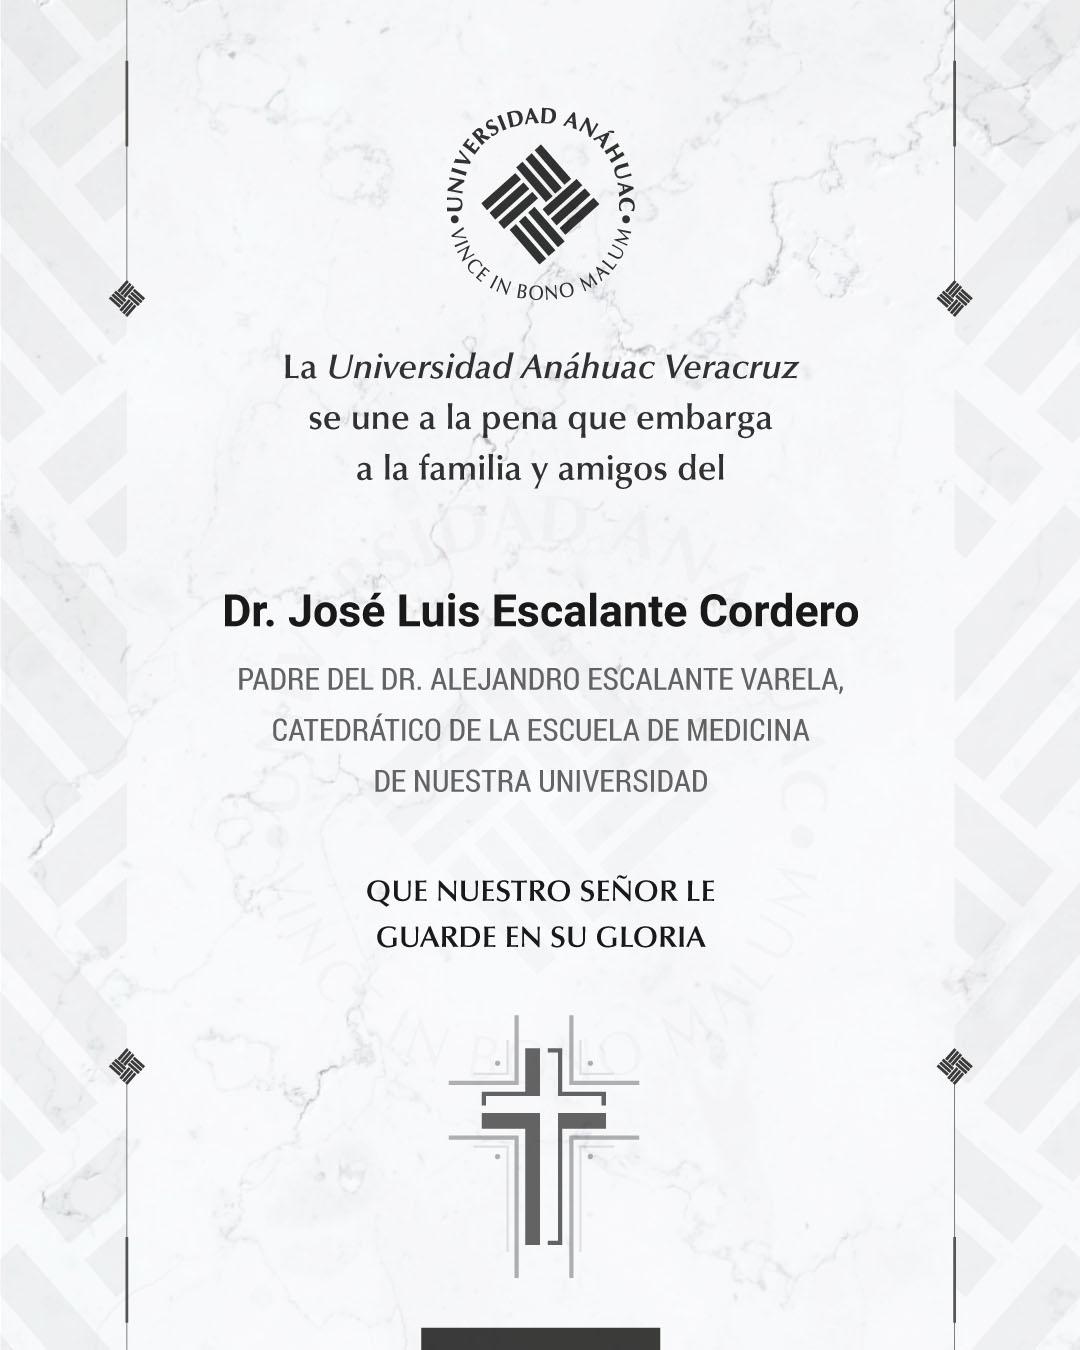 Dr. José Luis Escalante Cordero